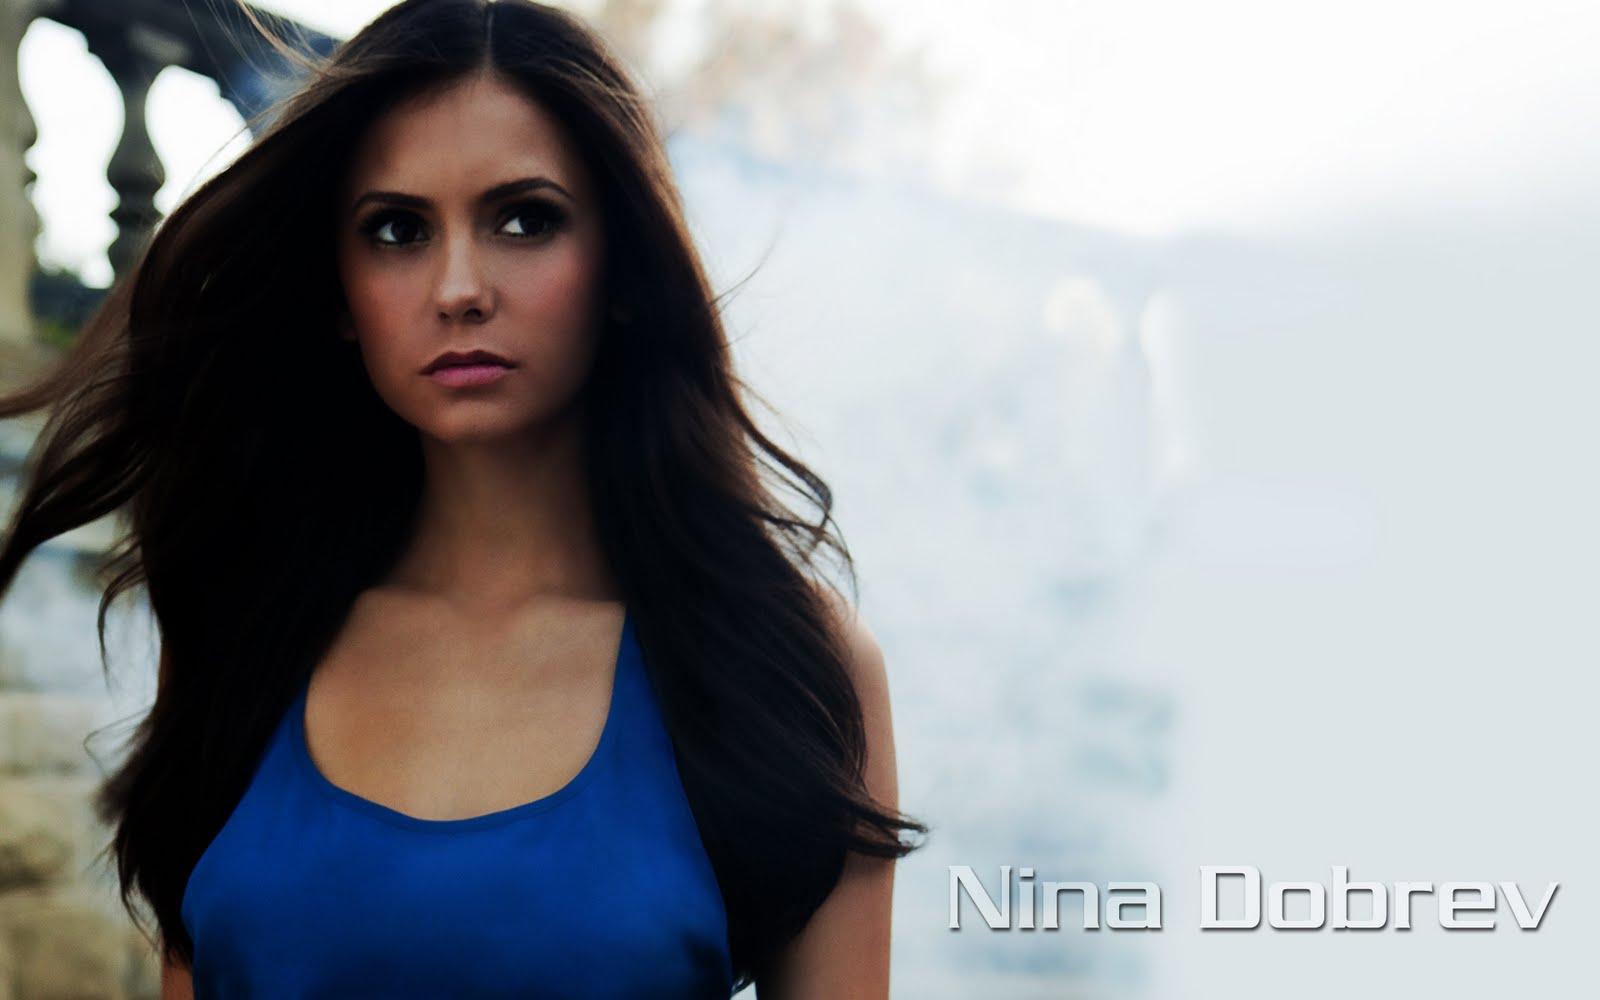 http://1.bp.blogspot.com/-BrTHTiQlz-0/Tc2B7X_V43I/AAAAAAAAAG4/XNHP7Og4eFs/s1600/Nina.jpg